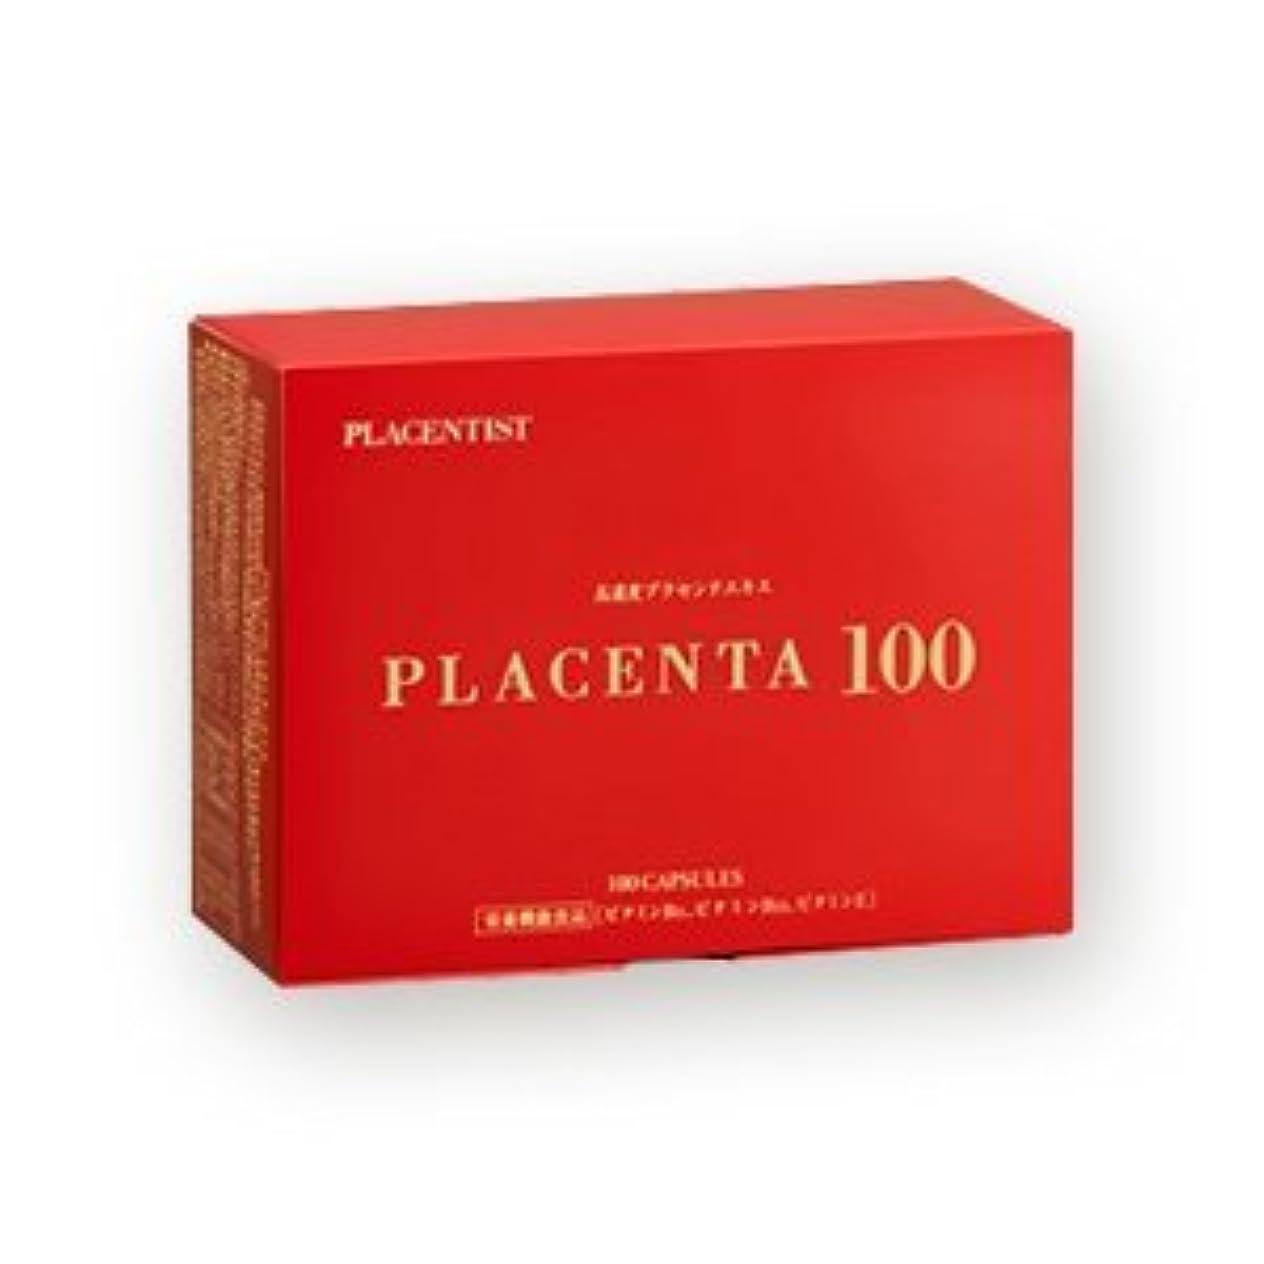 具体的に食欲希少性プラセンタ100 レギュラーサイズ100粒 2箱